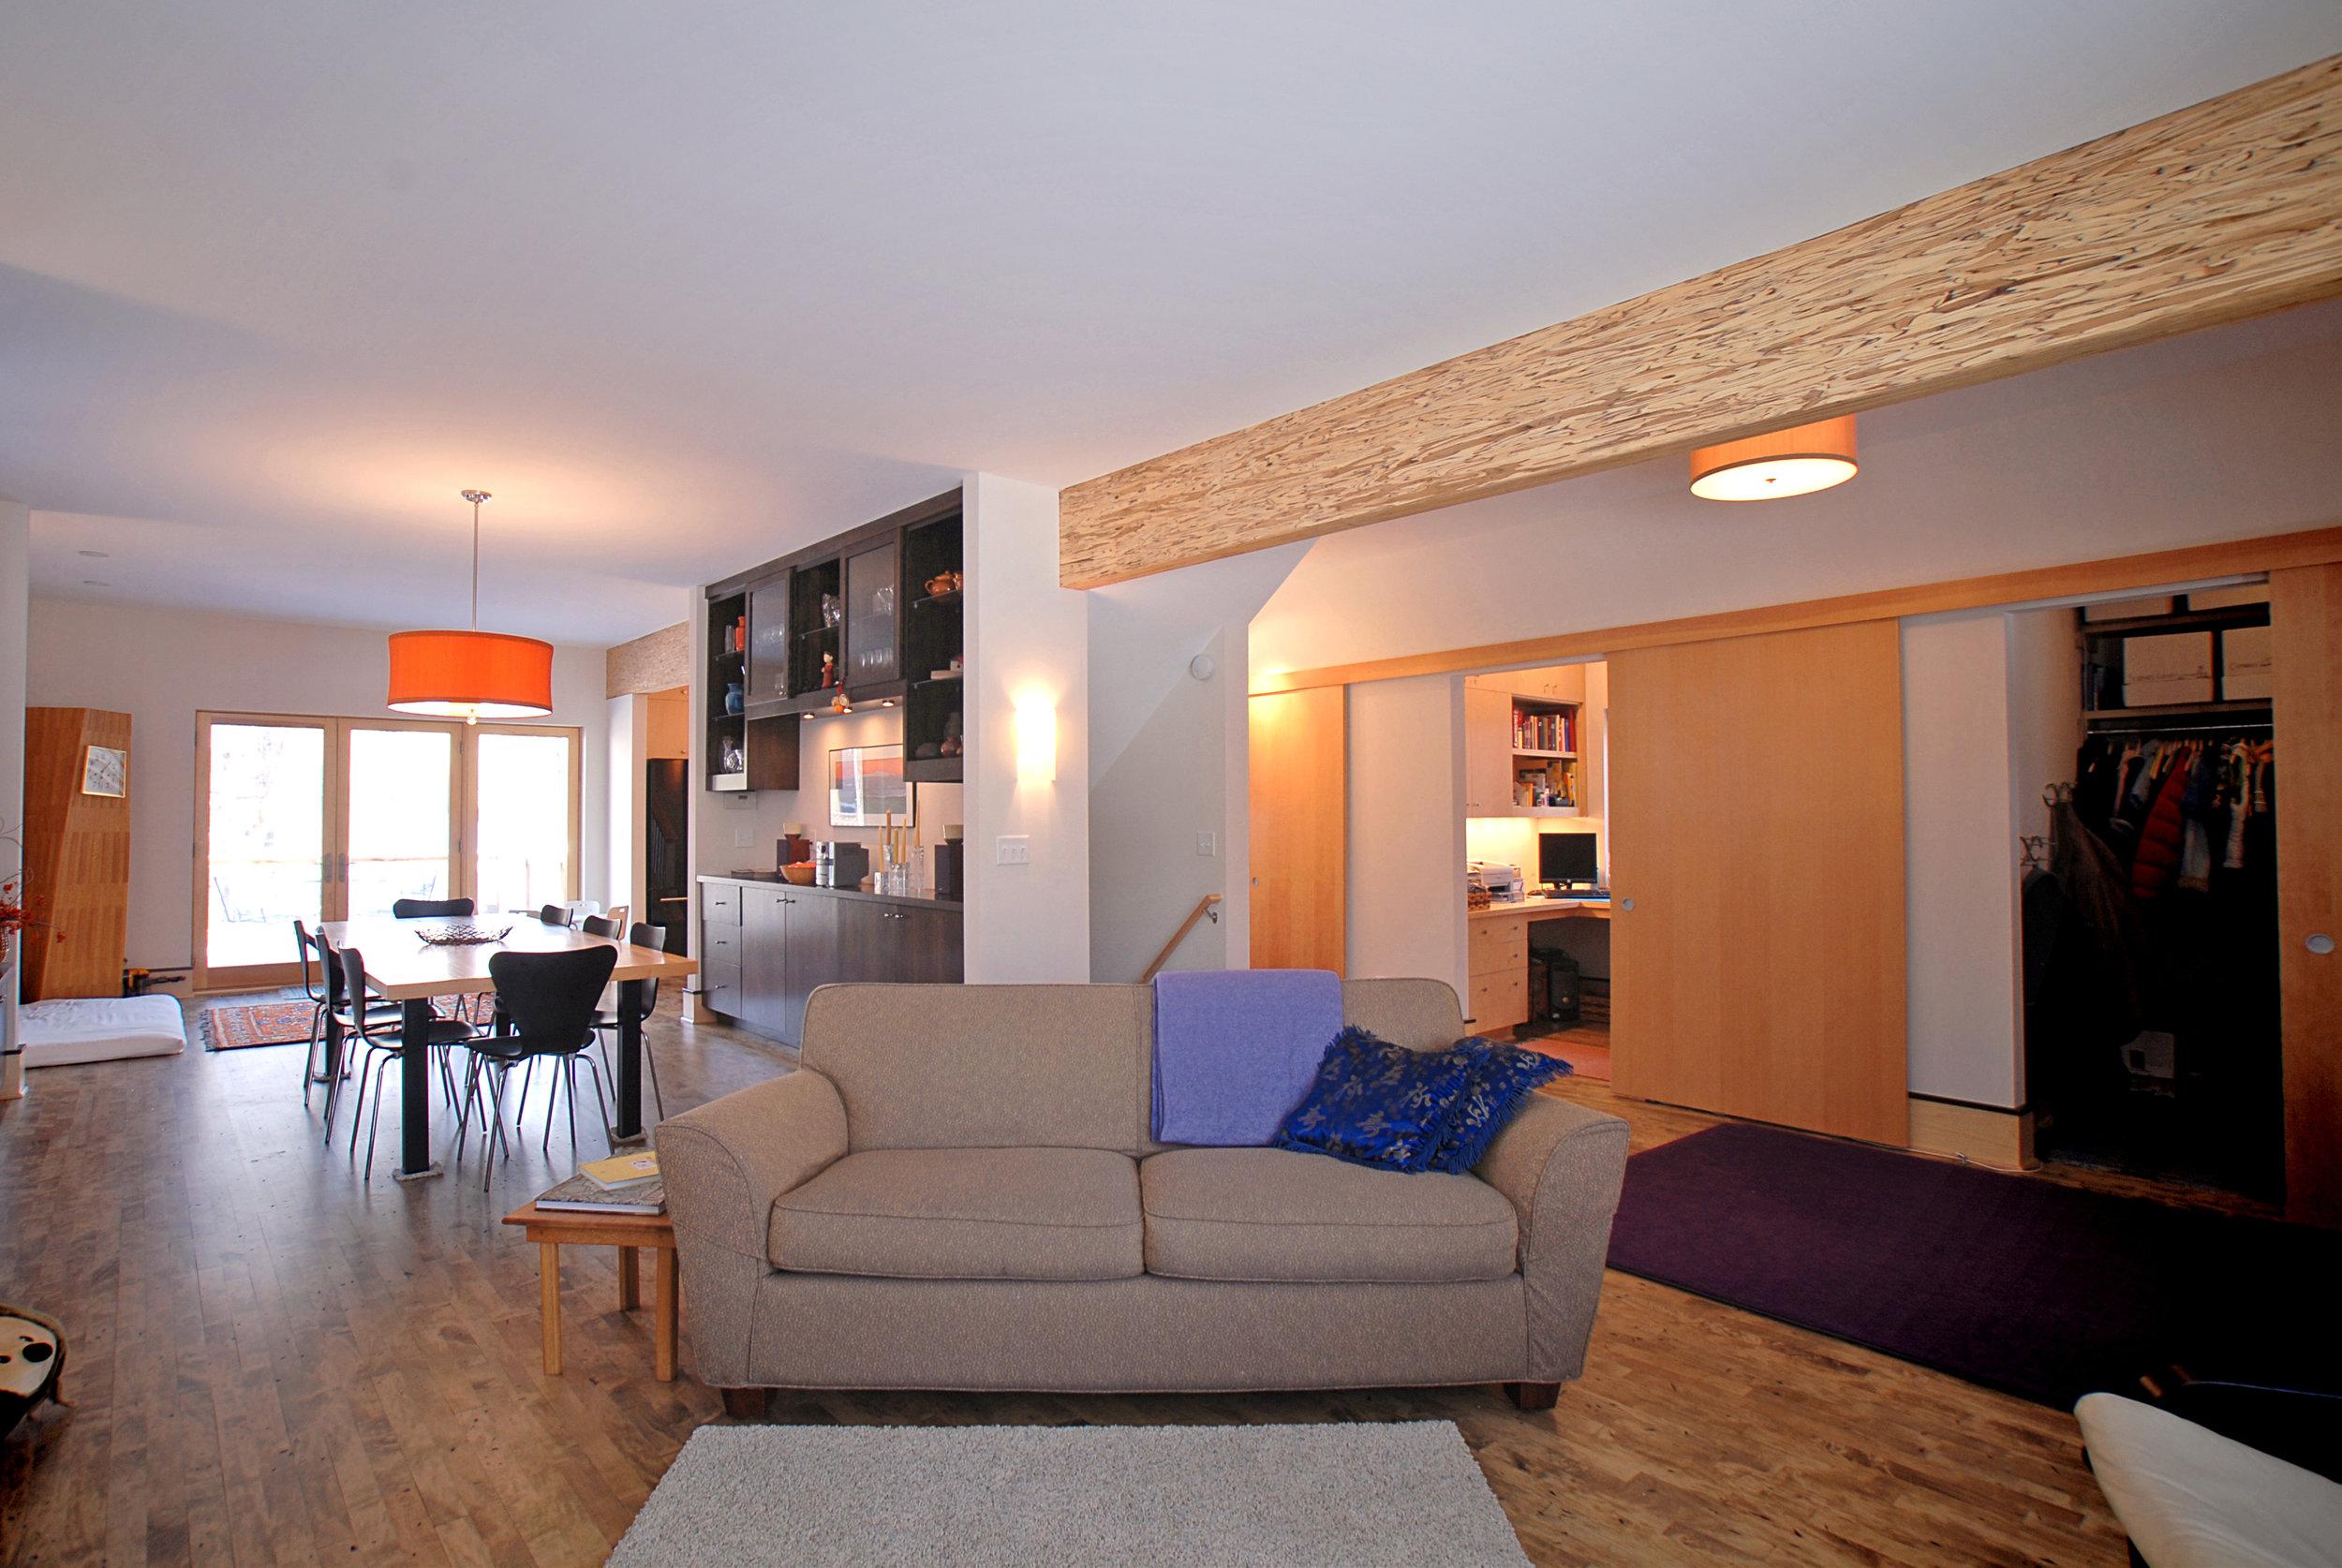 New City Home | Interior | Living Room